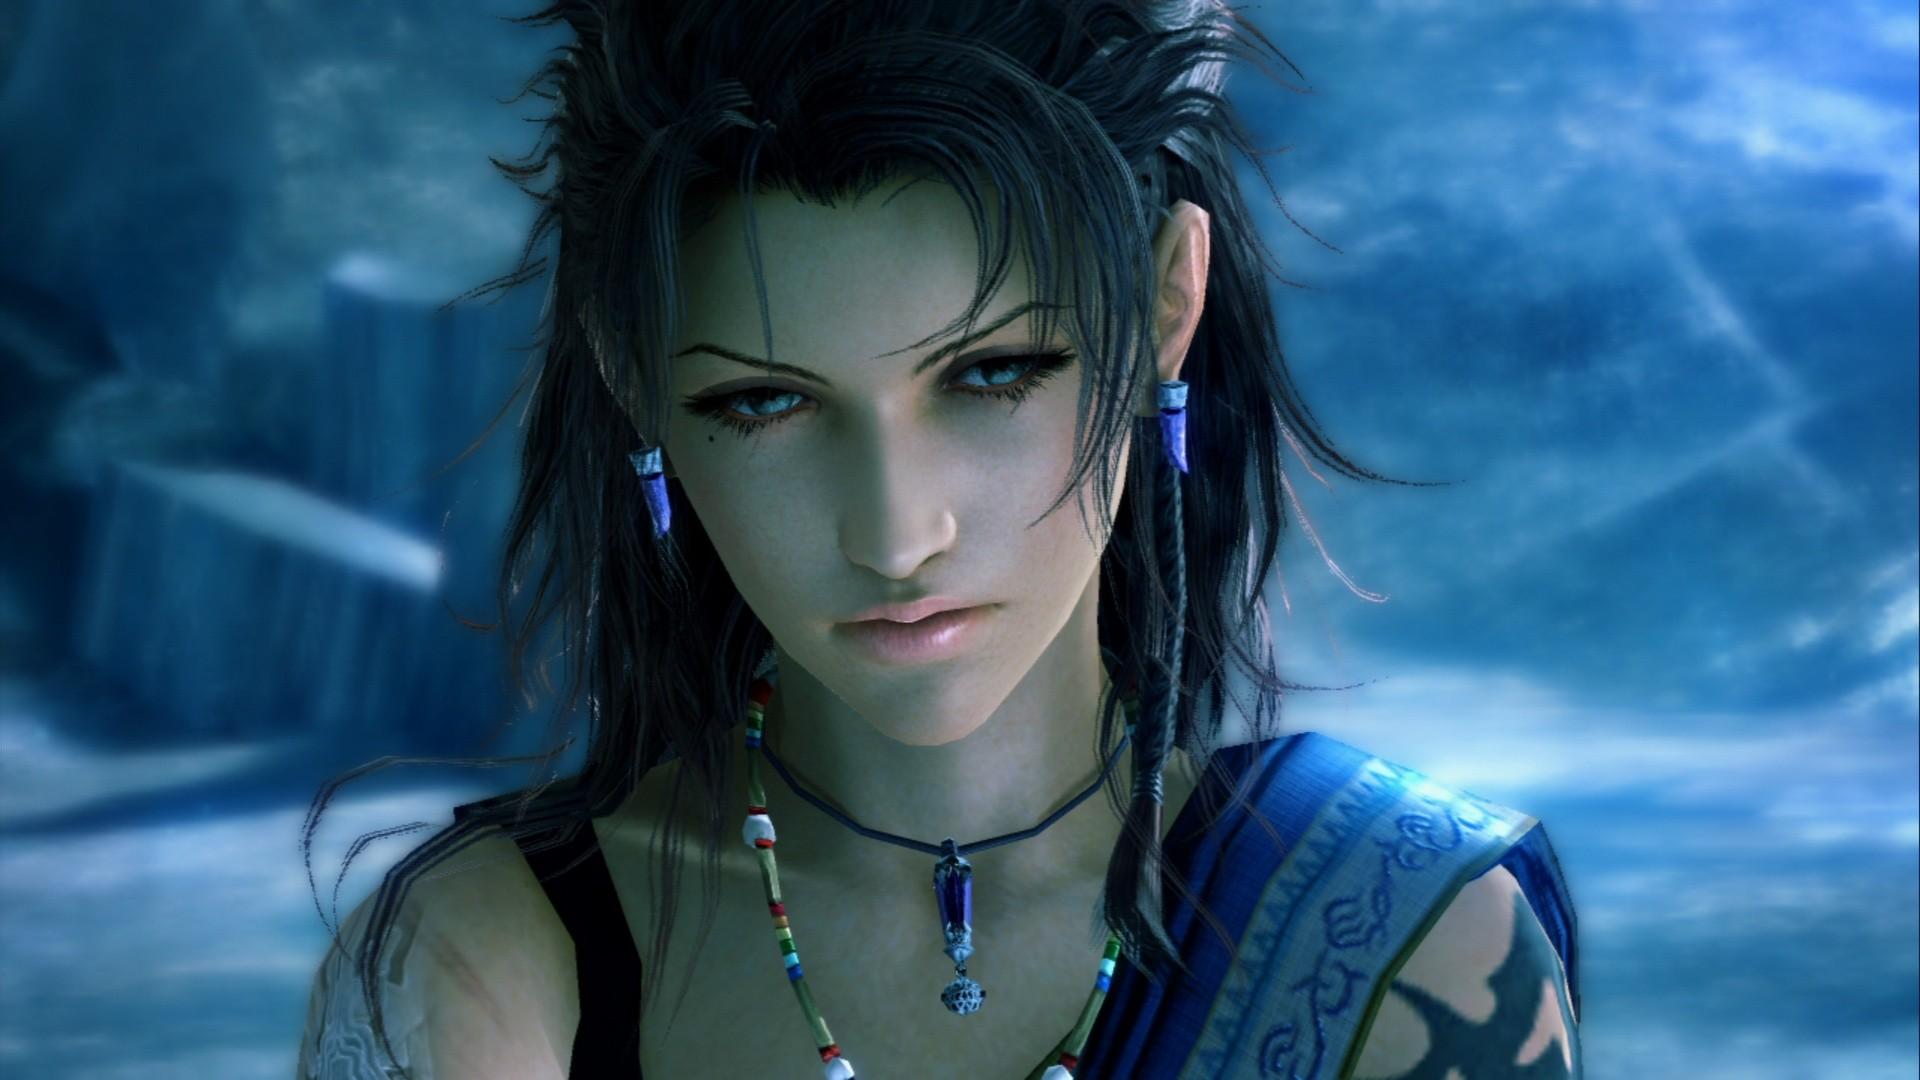 Final Fantasy Xiii Full HD Baggrund og Baggrundsbillede-7127